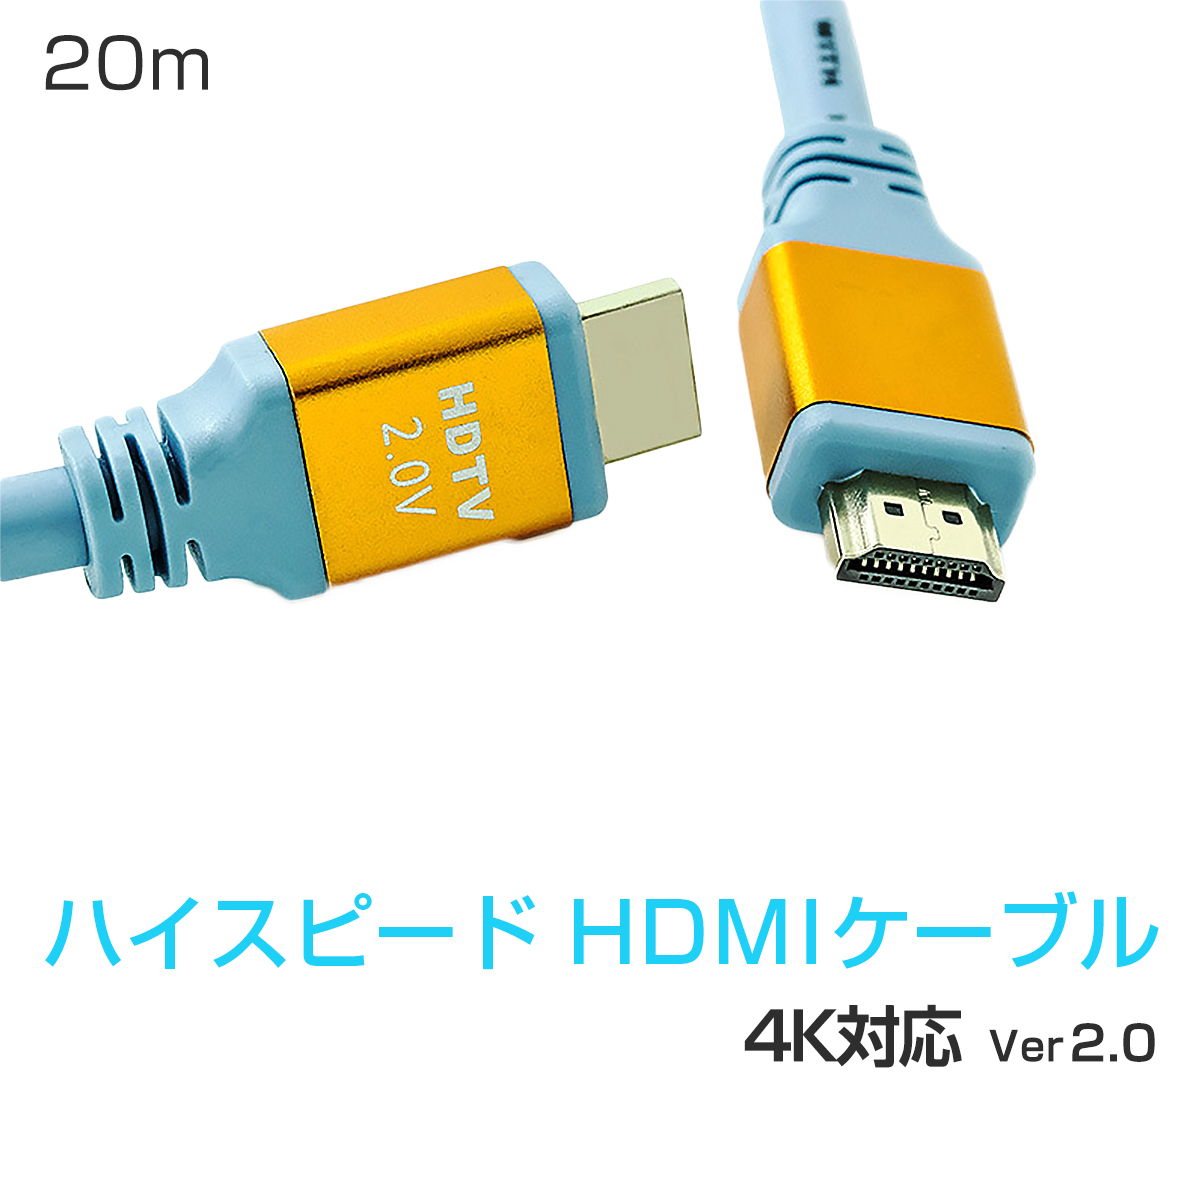 在庫処分HDMIケーブル ハイスピード Ver2.0 4K/60p UltraHD HDR 3D FHD HEC ARC 20m ノイズキャンセラー付き タイプAオス-タイプAオス 青 宅配便送料無料 1ヶ月保証 K&M